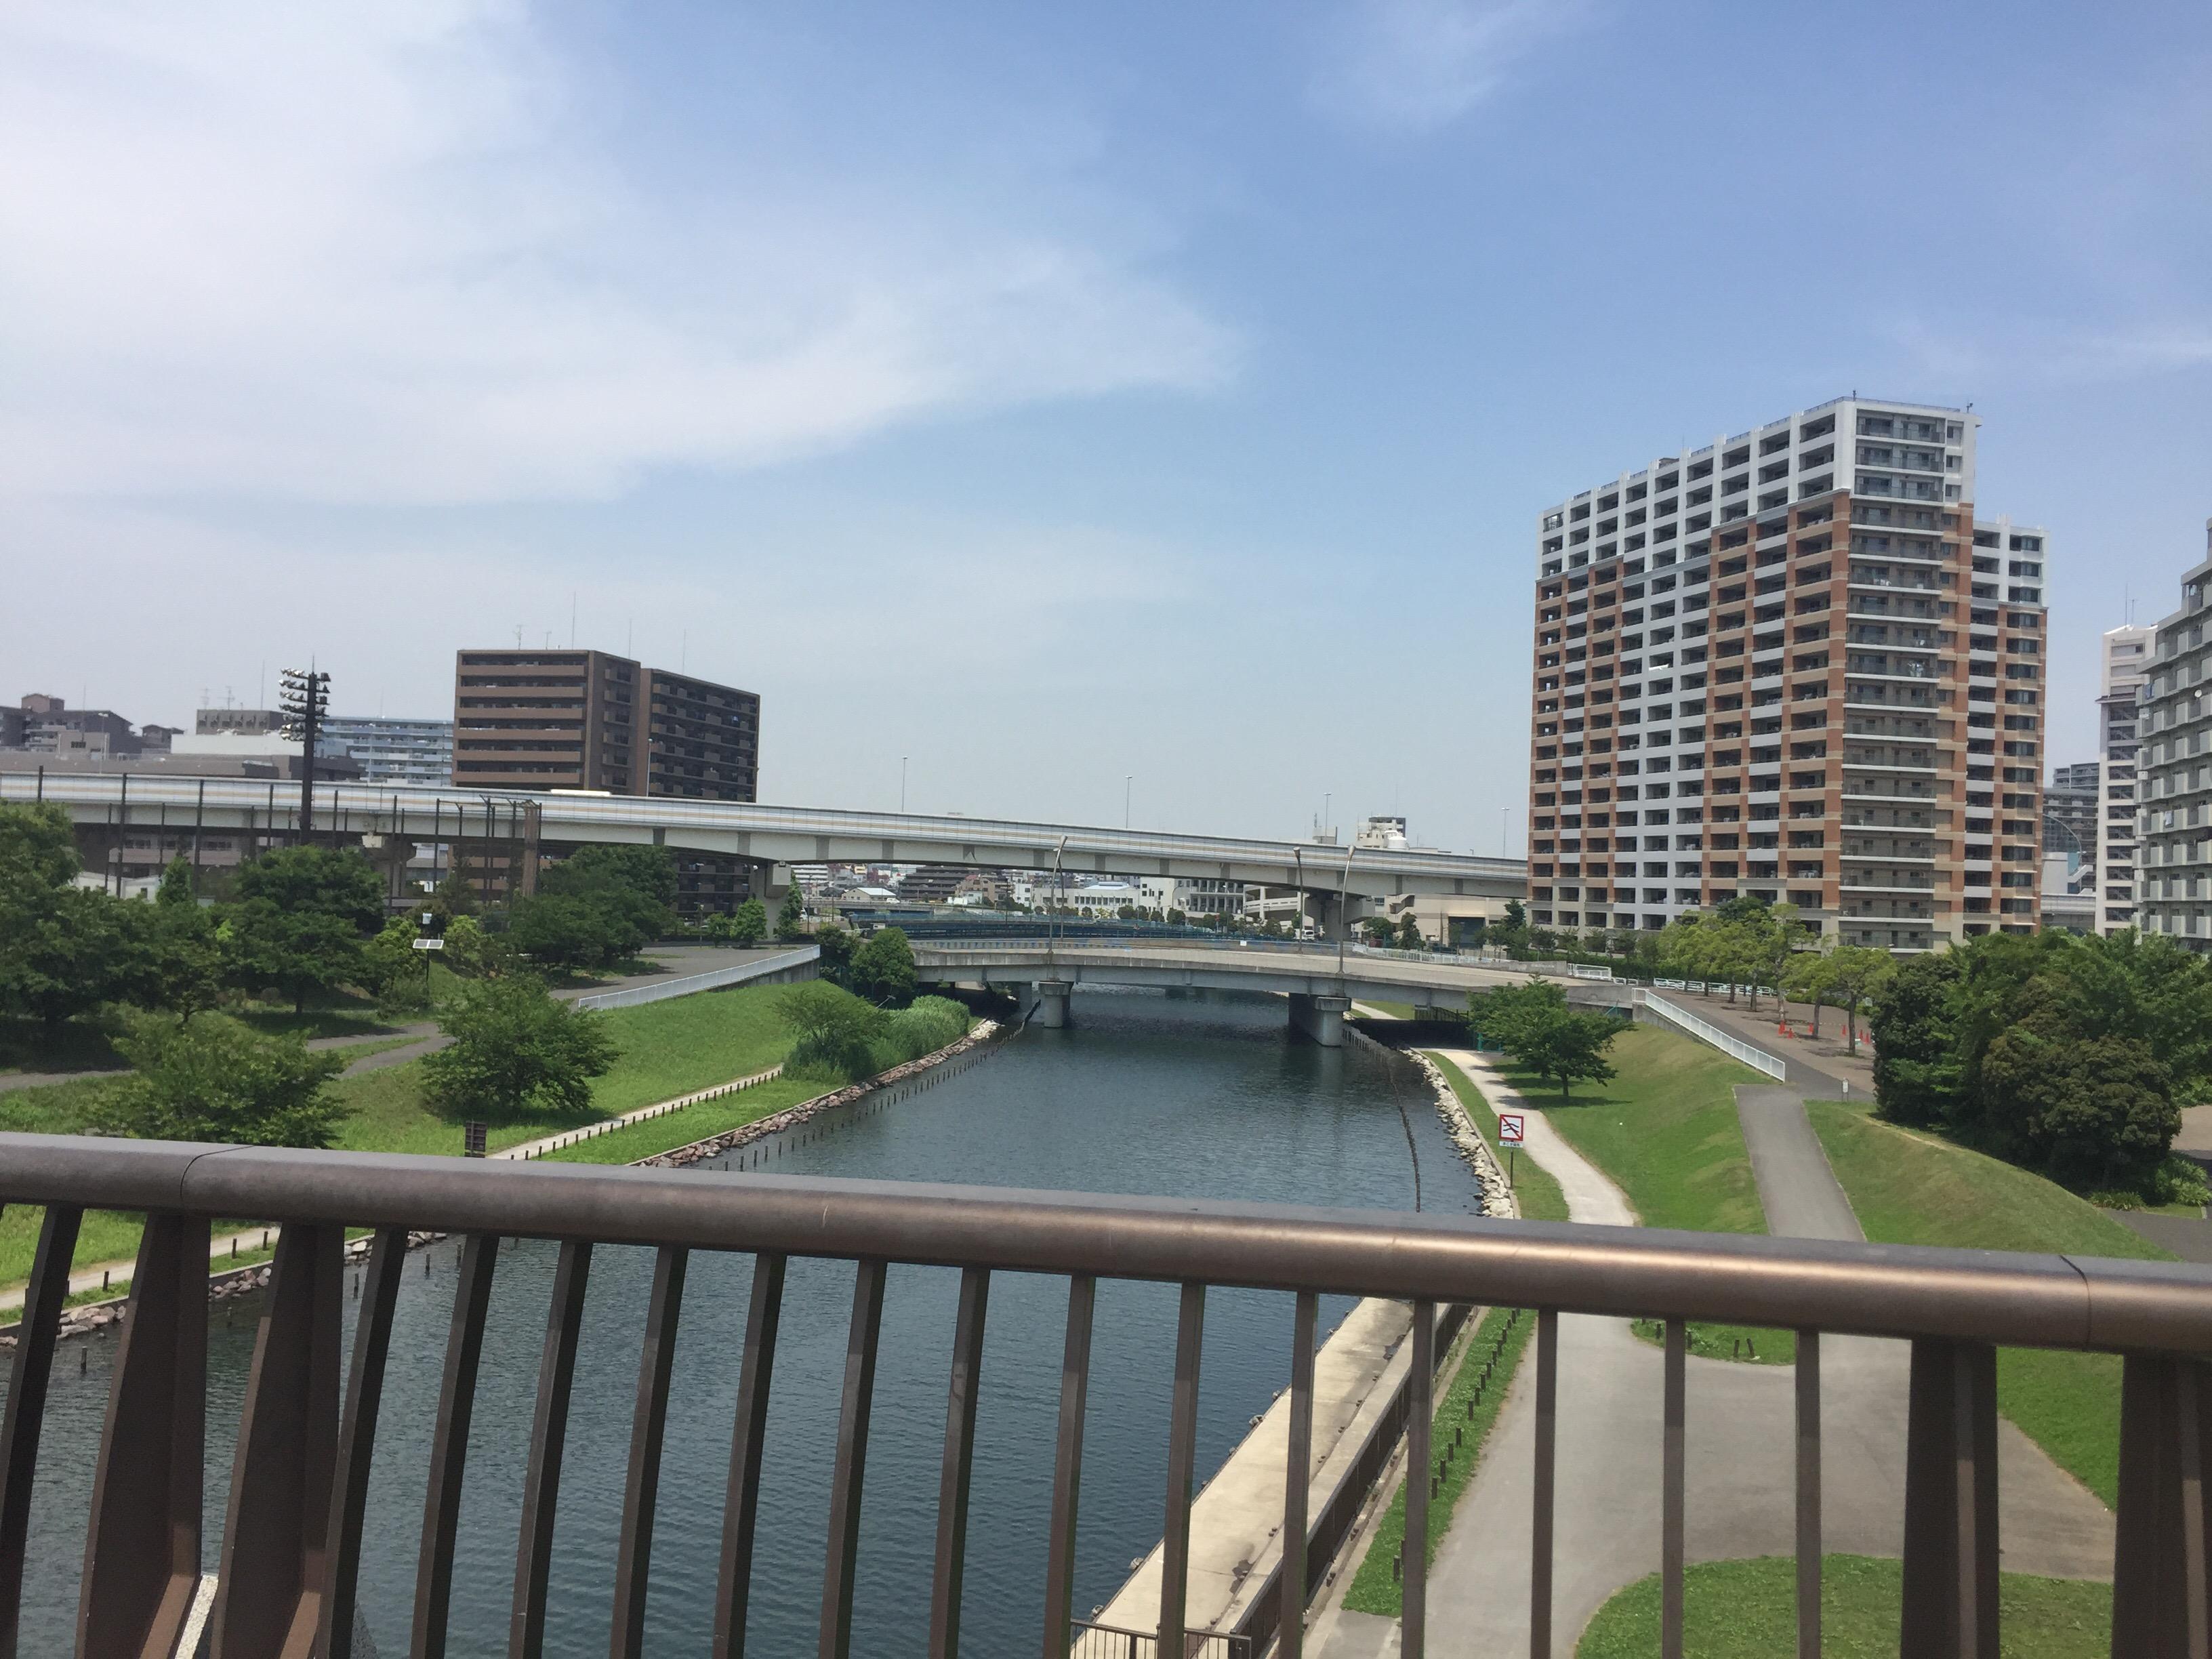 img 2281 ここ東京?緑溢れる公園!